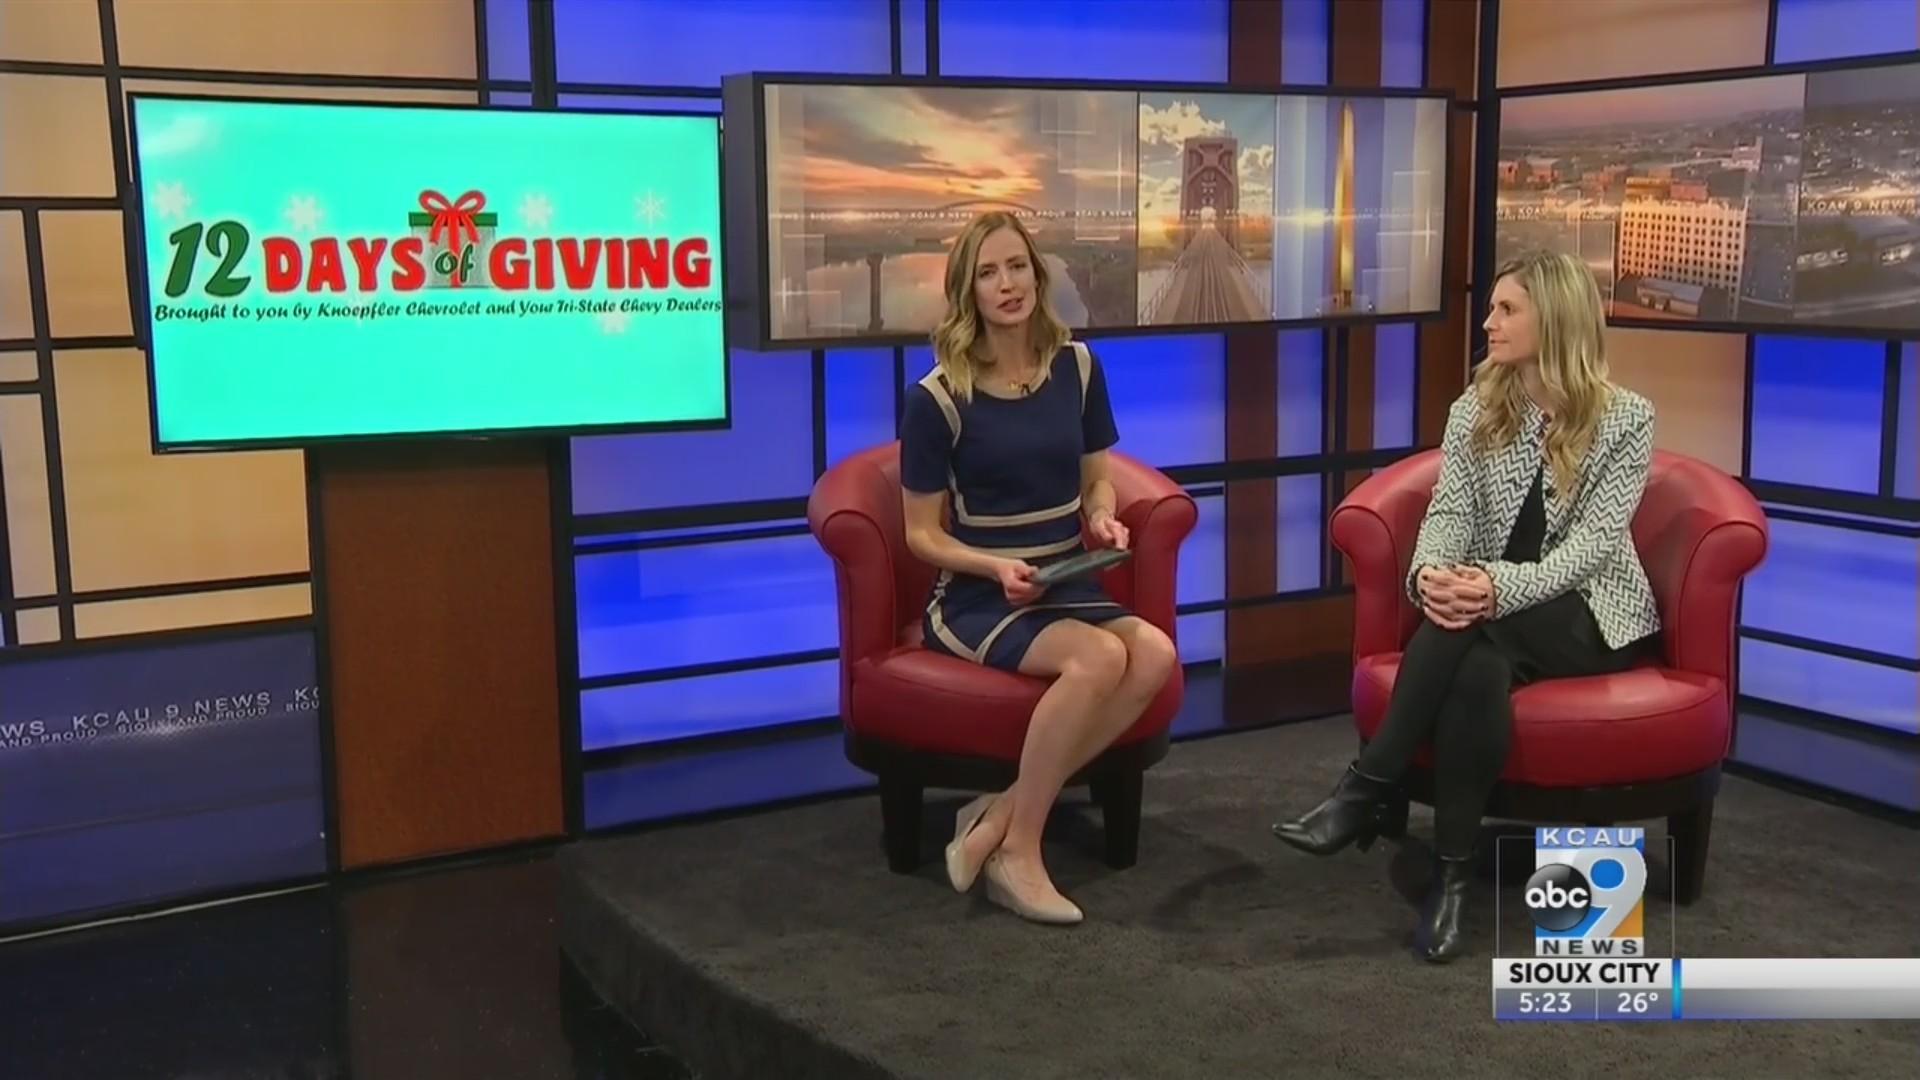 Knoepfler Chevrolet's 12 Days Of Giving